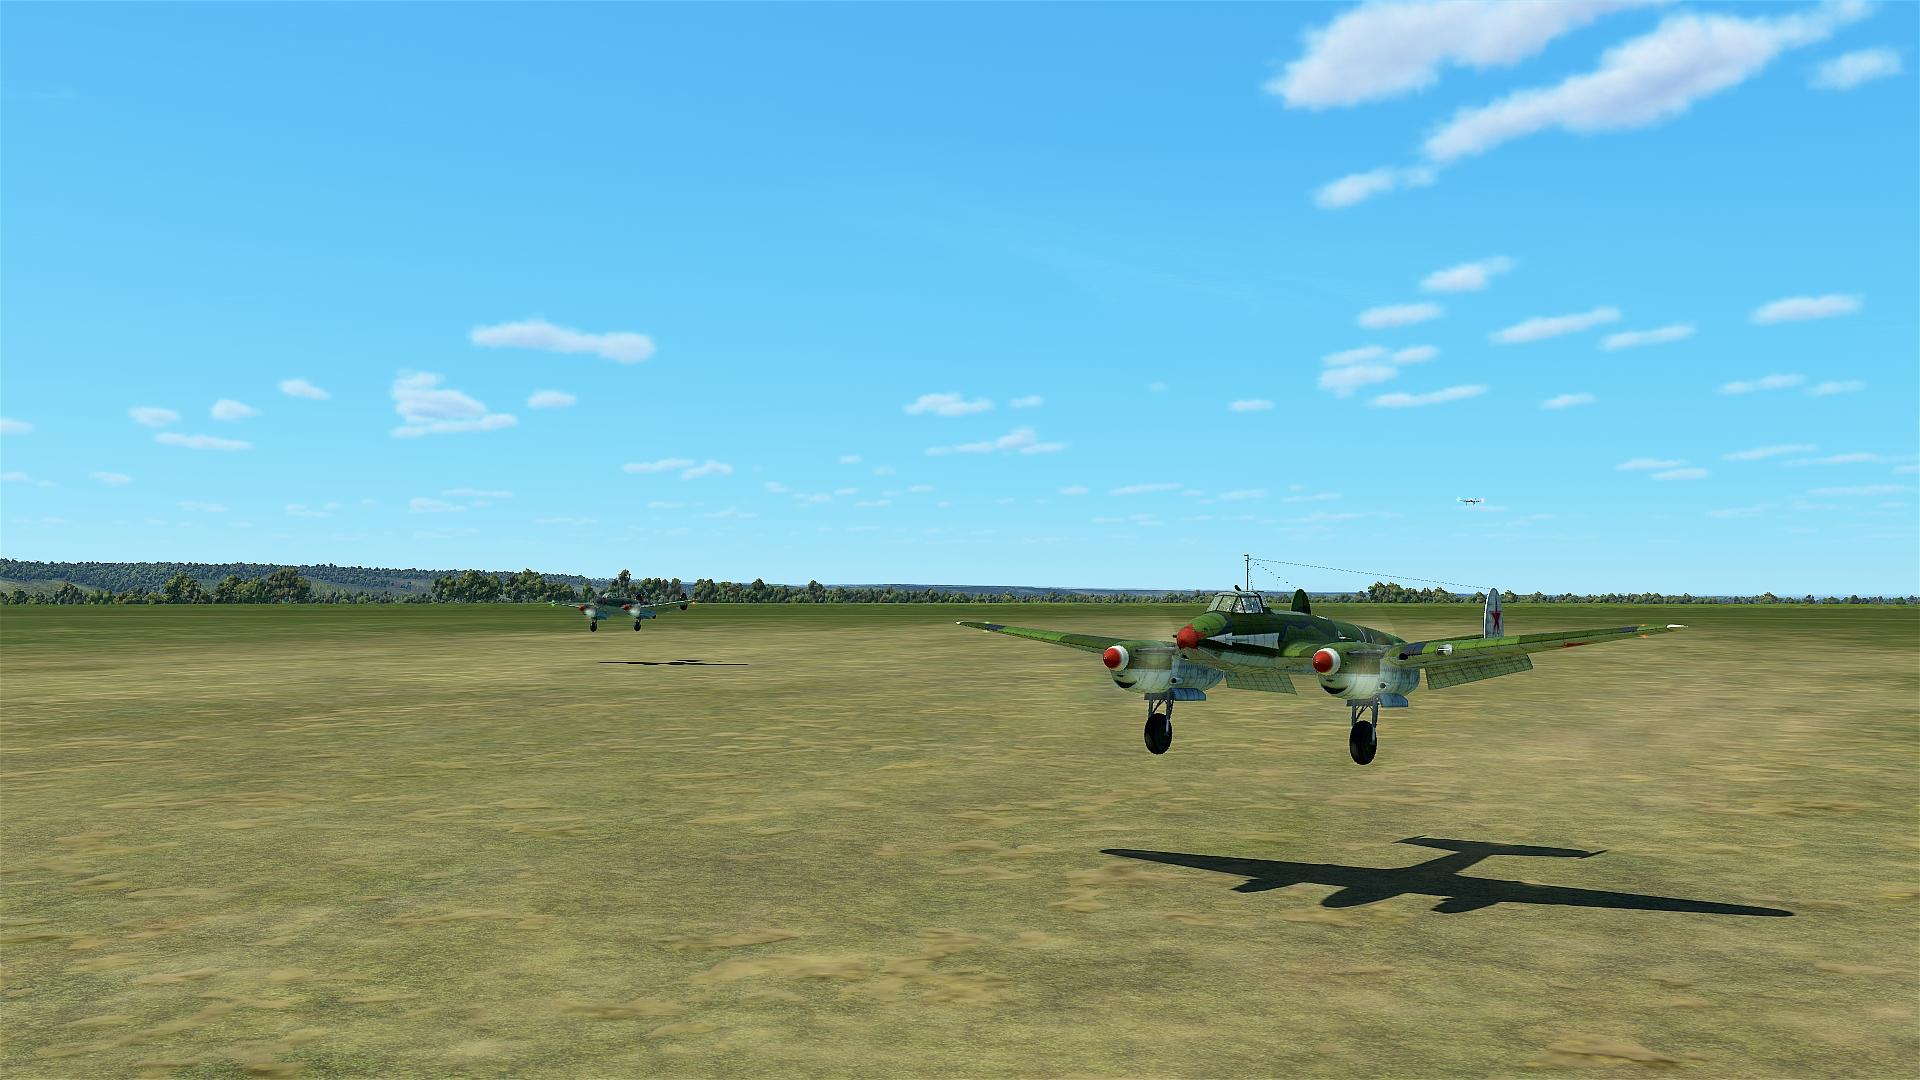 Un ptit CR en image de  la sortie de vendredi sur les Fnbf avec les NN en bomber ! 41560318572_d54d7a9b3d_o